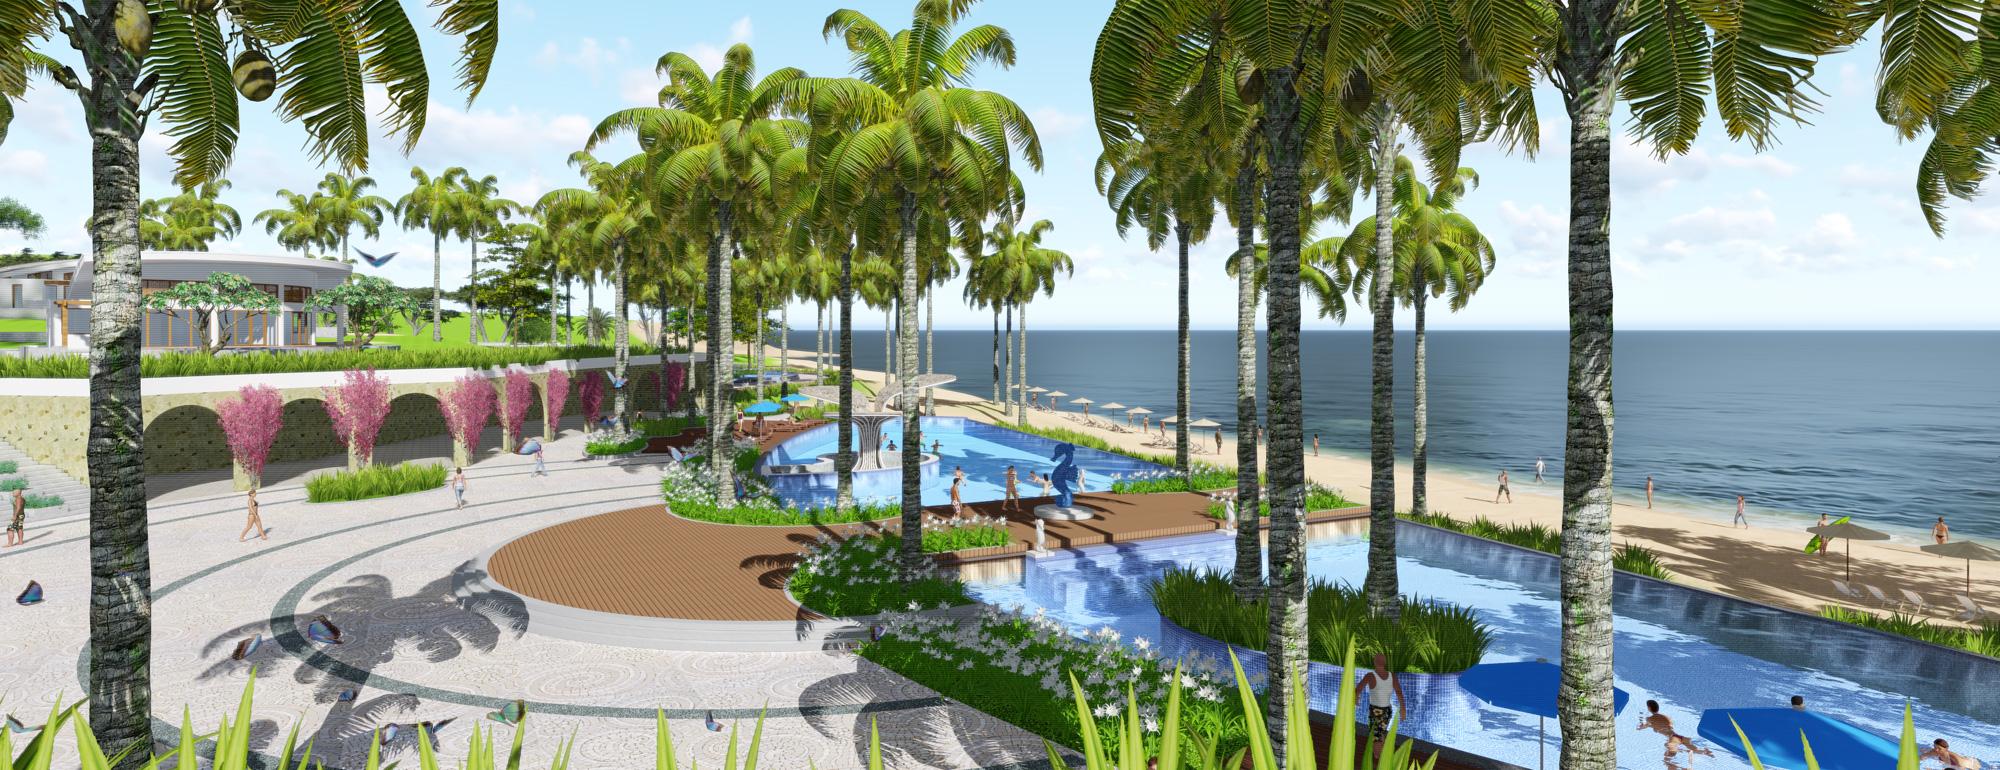 Seahorse landscape design project